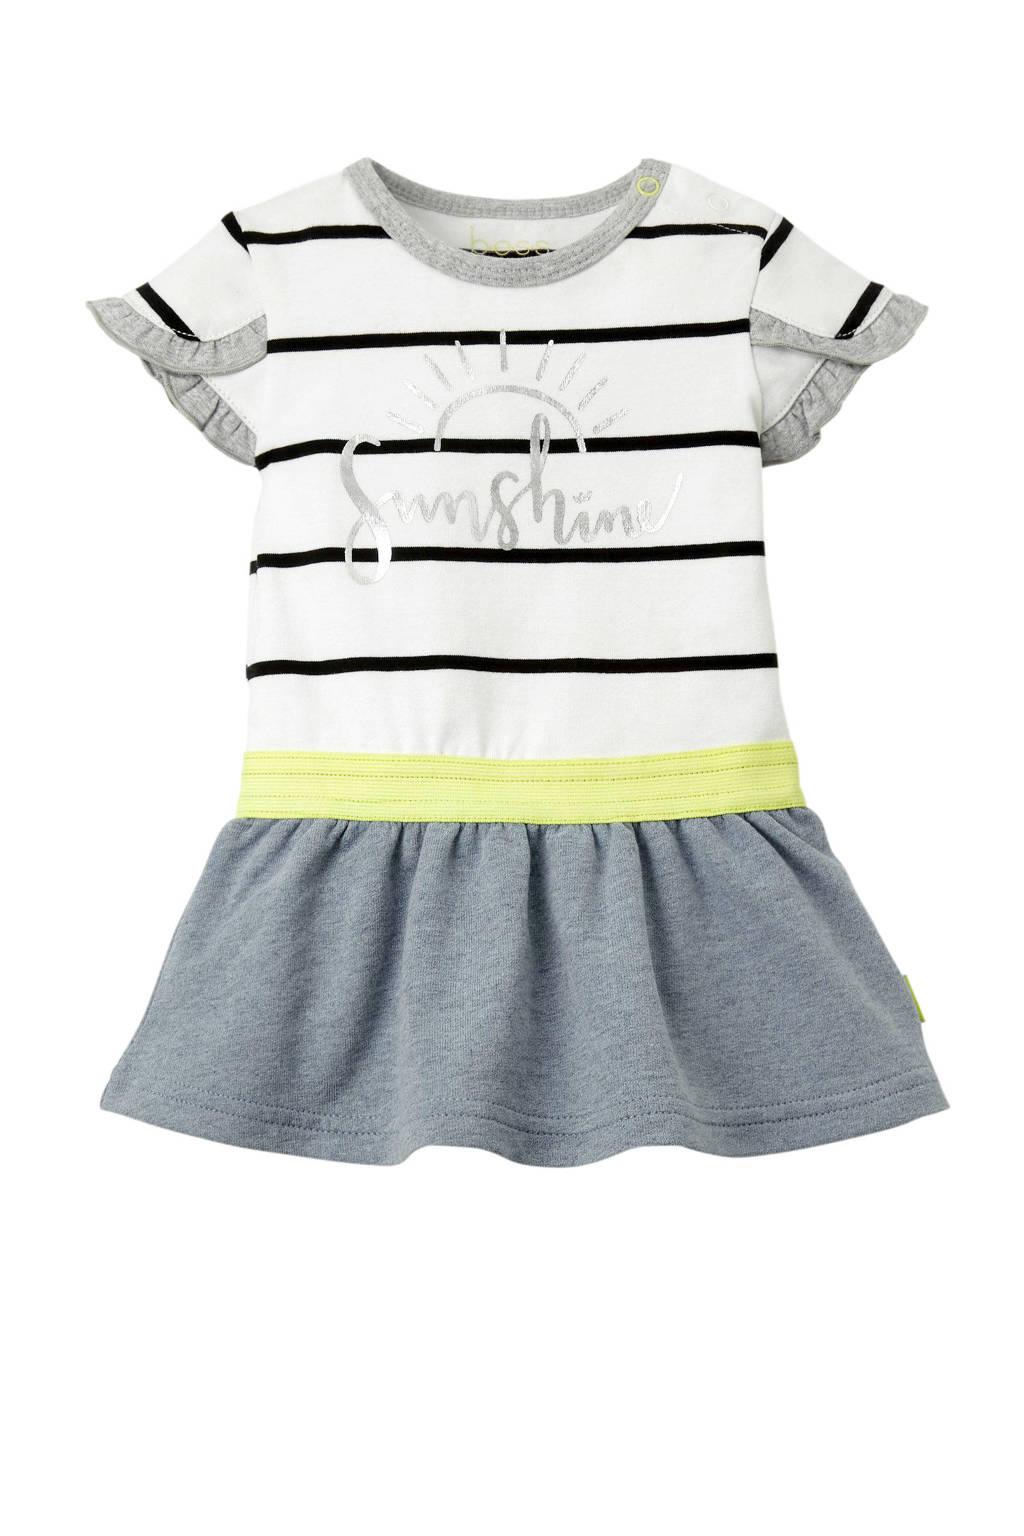 B.E.S.S gestreepte baby jurk met tekst wit, Wit/zwart/grijs/geel